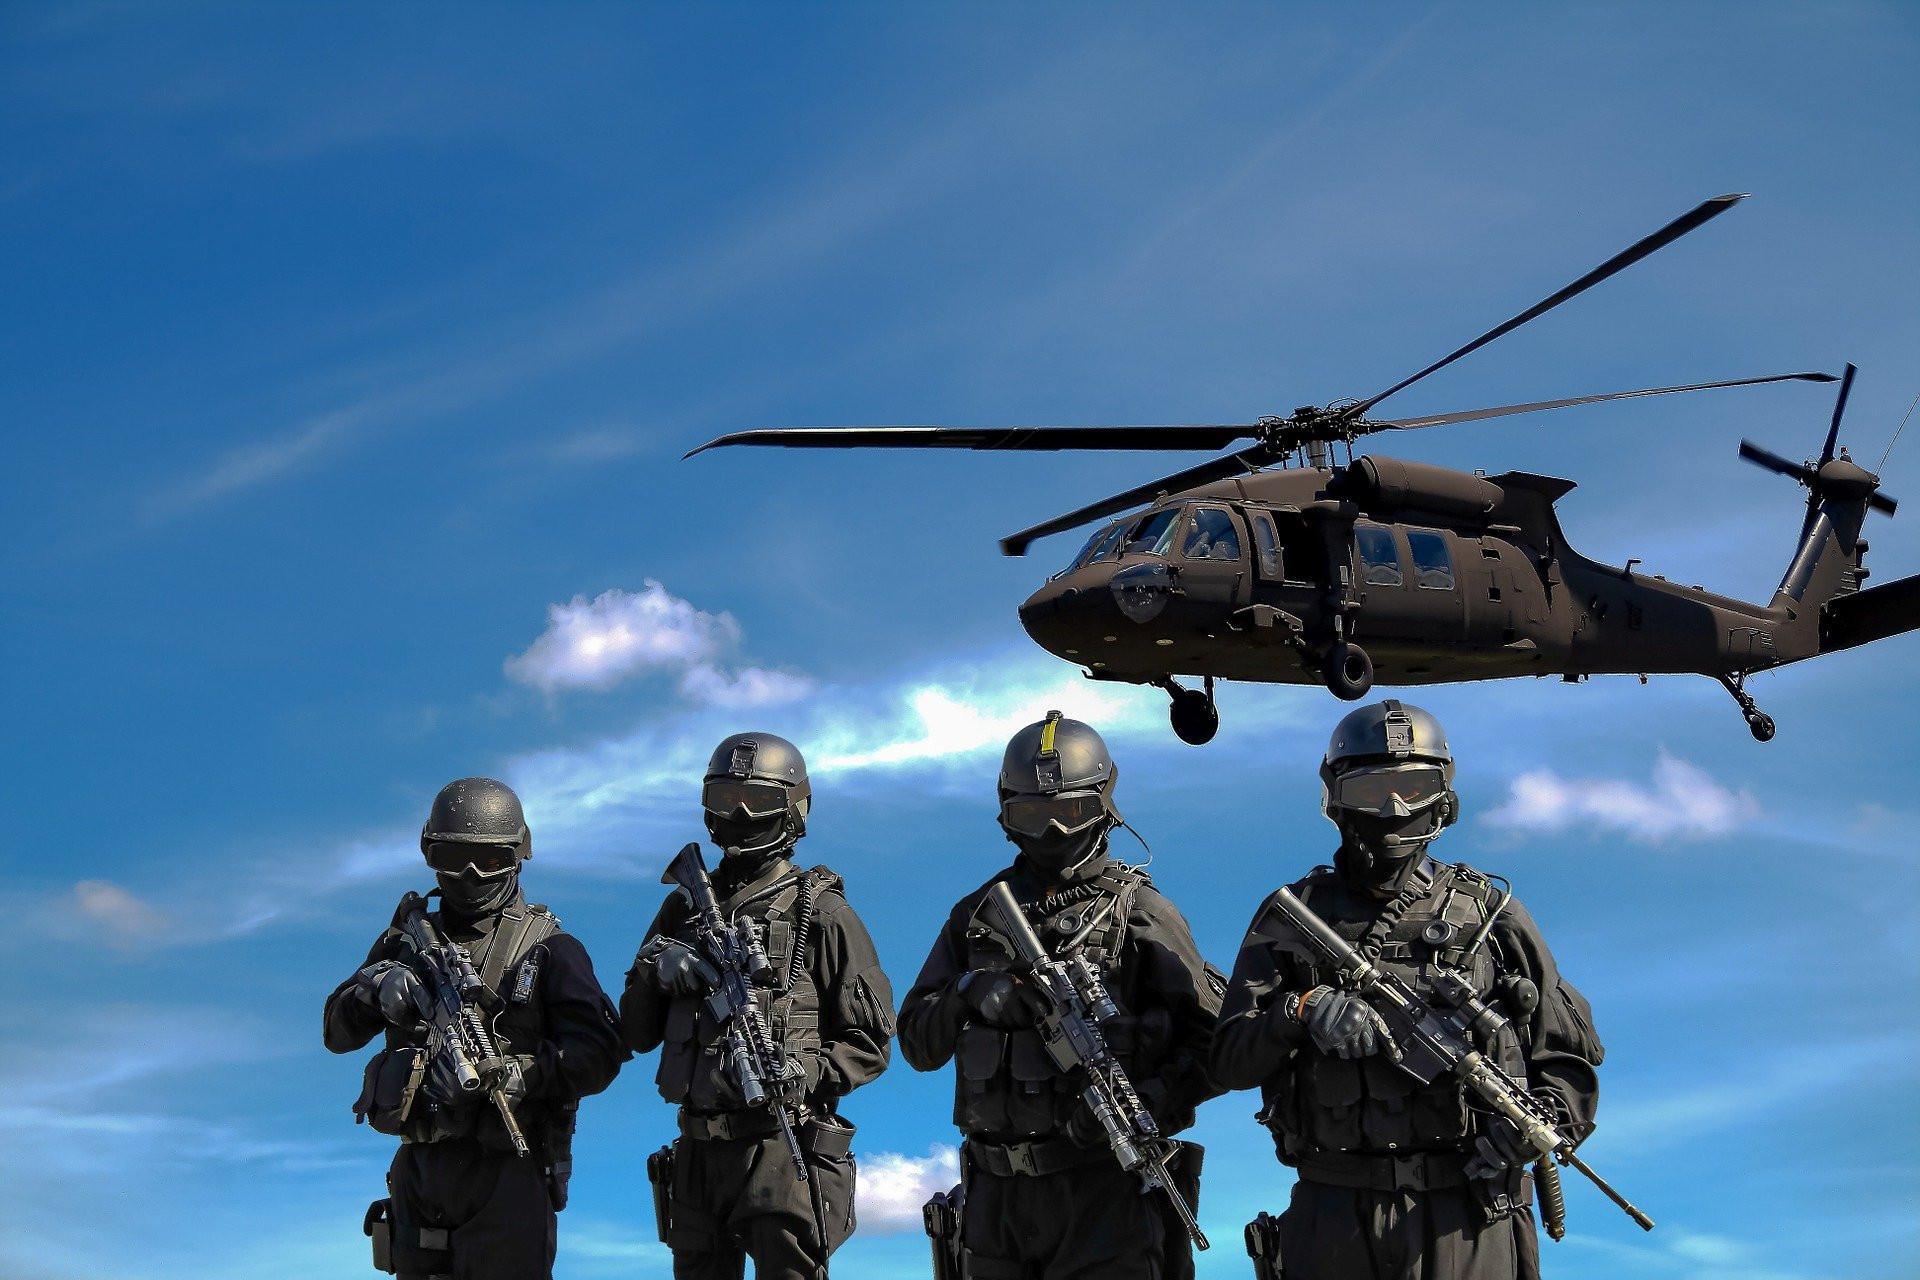 Войска уйдут, а талибы останутся? К чему приведут игры США в Афганистане